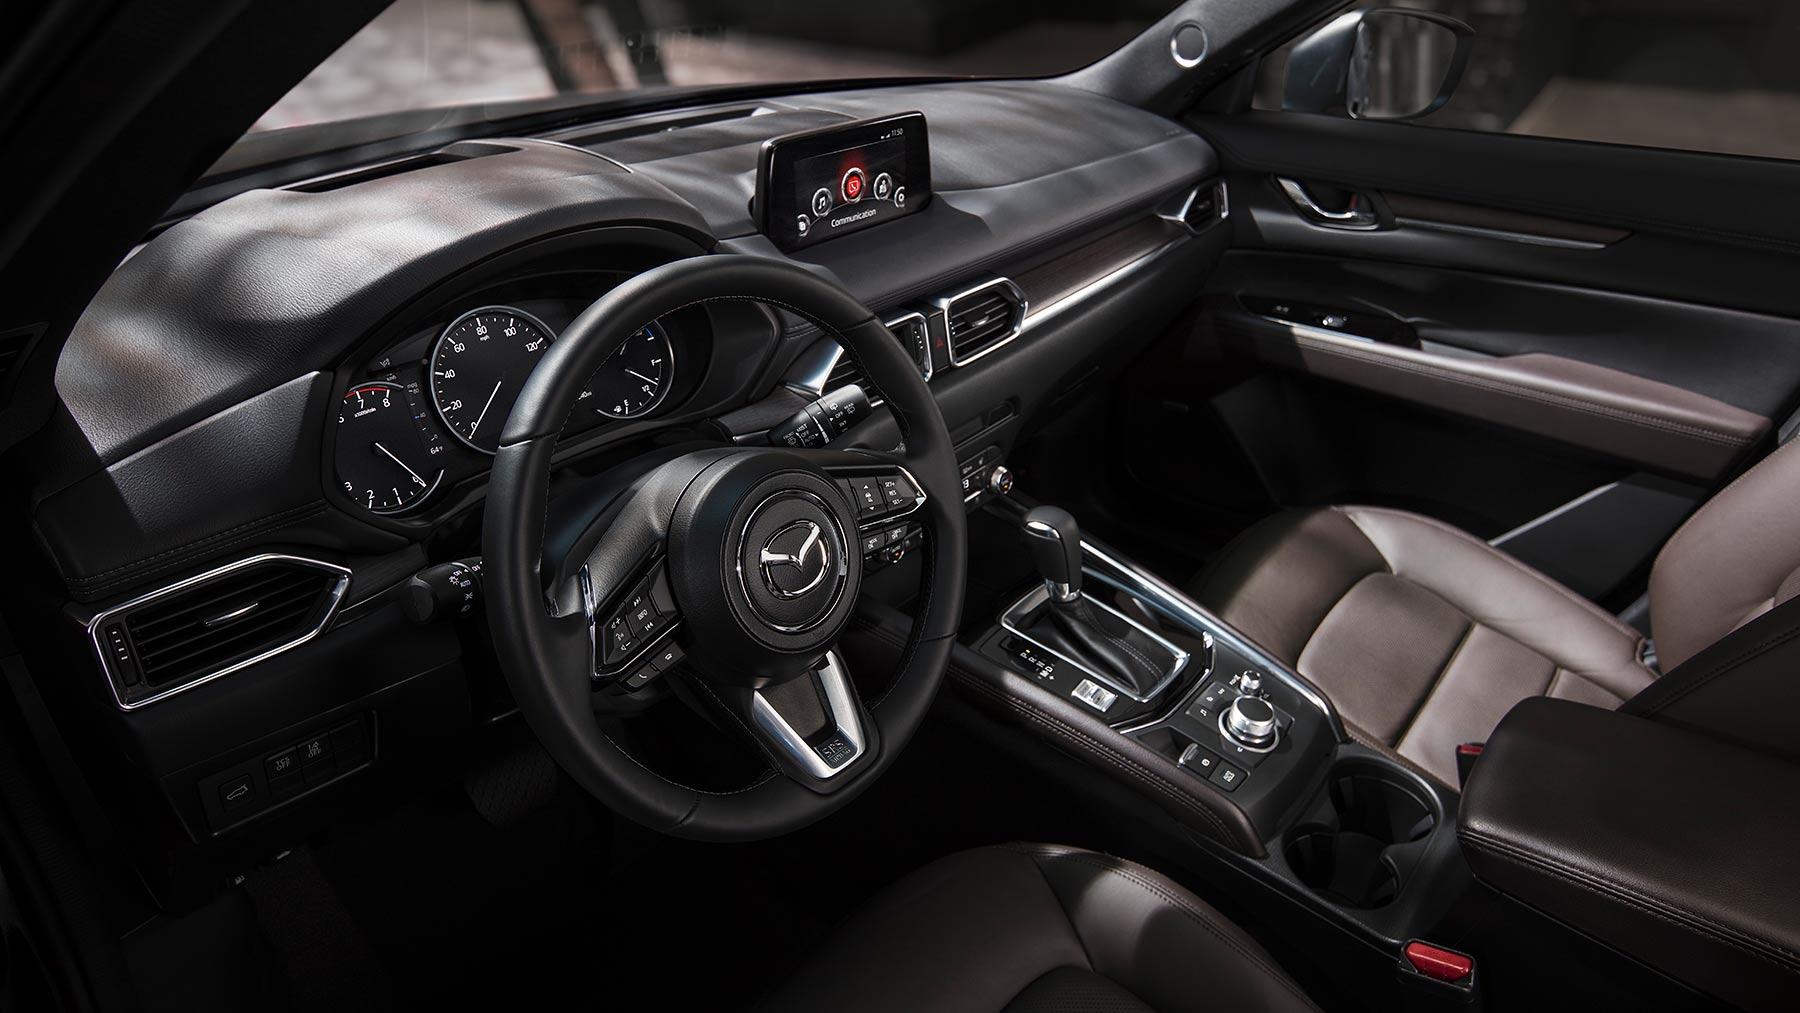 2019 Mazda CX-5 Crossover - Pictures & Videos | Mazda USA